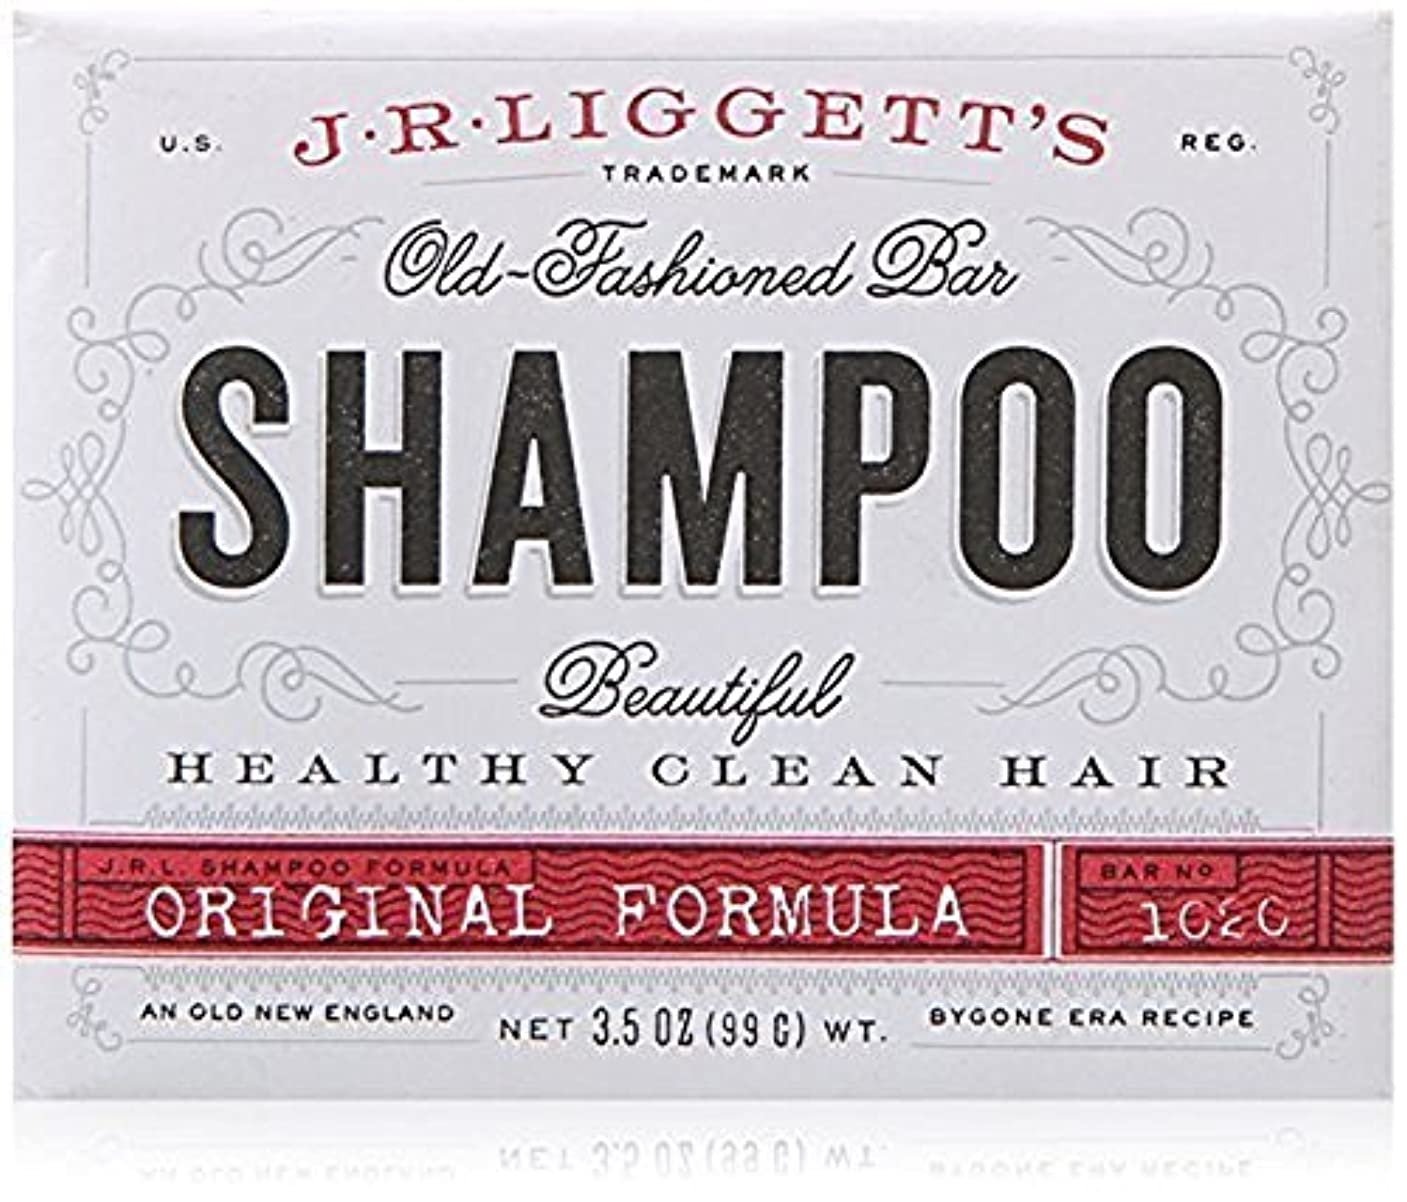 刑務所逸話マインドフルx J.R.Liggett's Old-Fashioned Bar Shampoo The Original Formula - 3.5 oz by J.R. Liggett